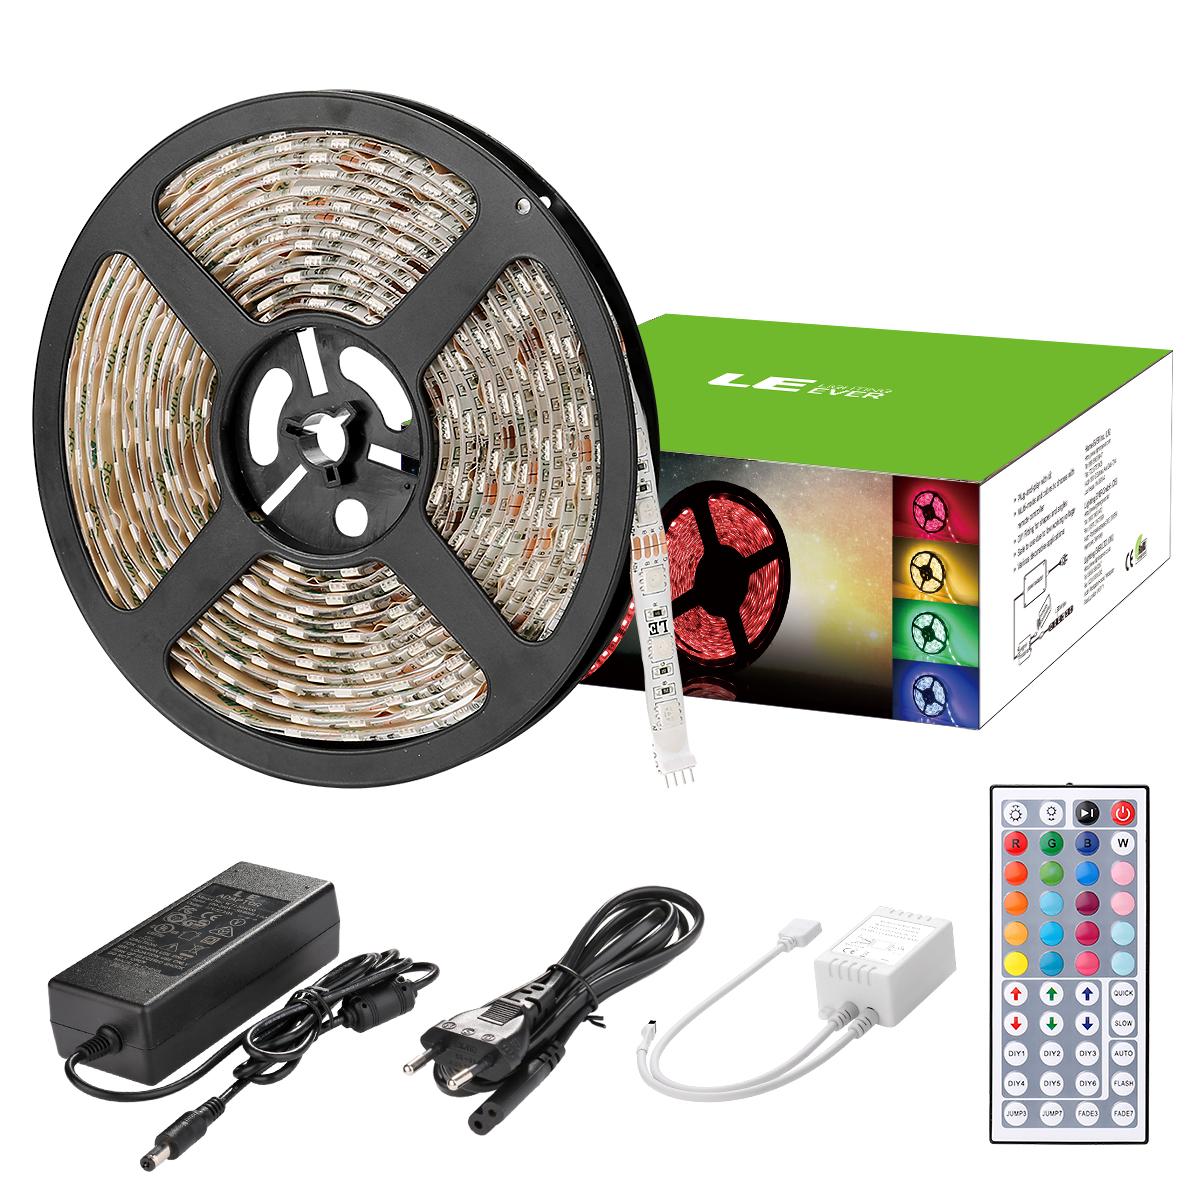 5M RGB LED Streifen Set, 300 x 5050 LEDs, Mehrfarbig LED Lichtband, Wasserdicht IP65, Lichtleiste für Dekor